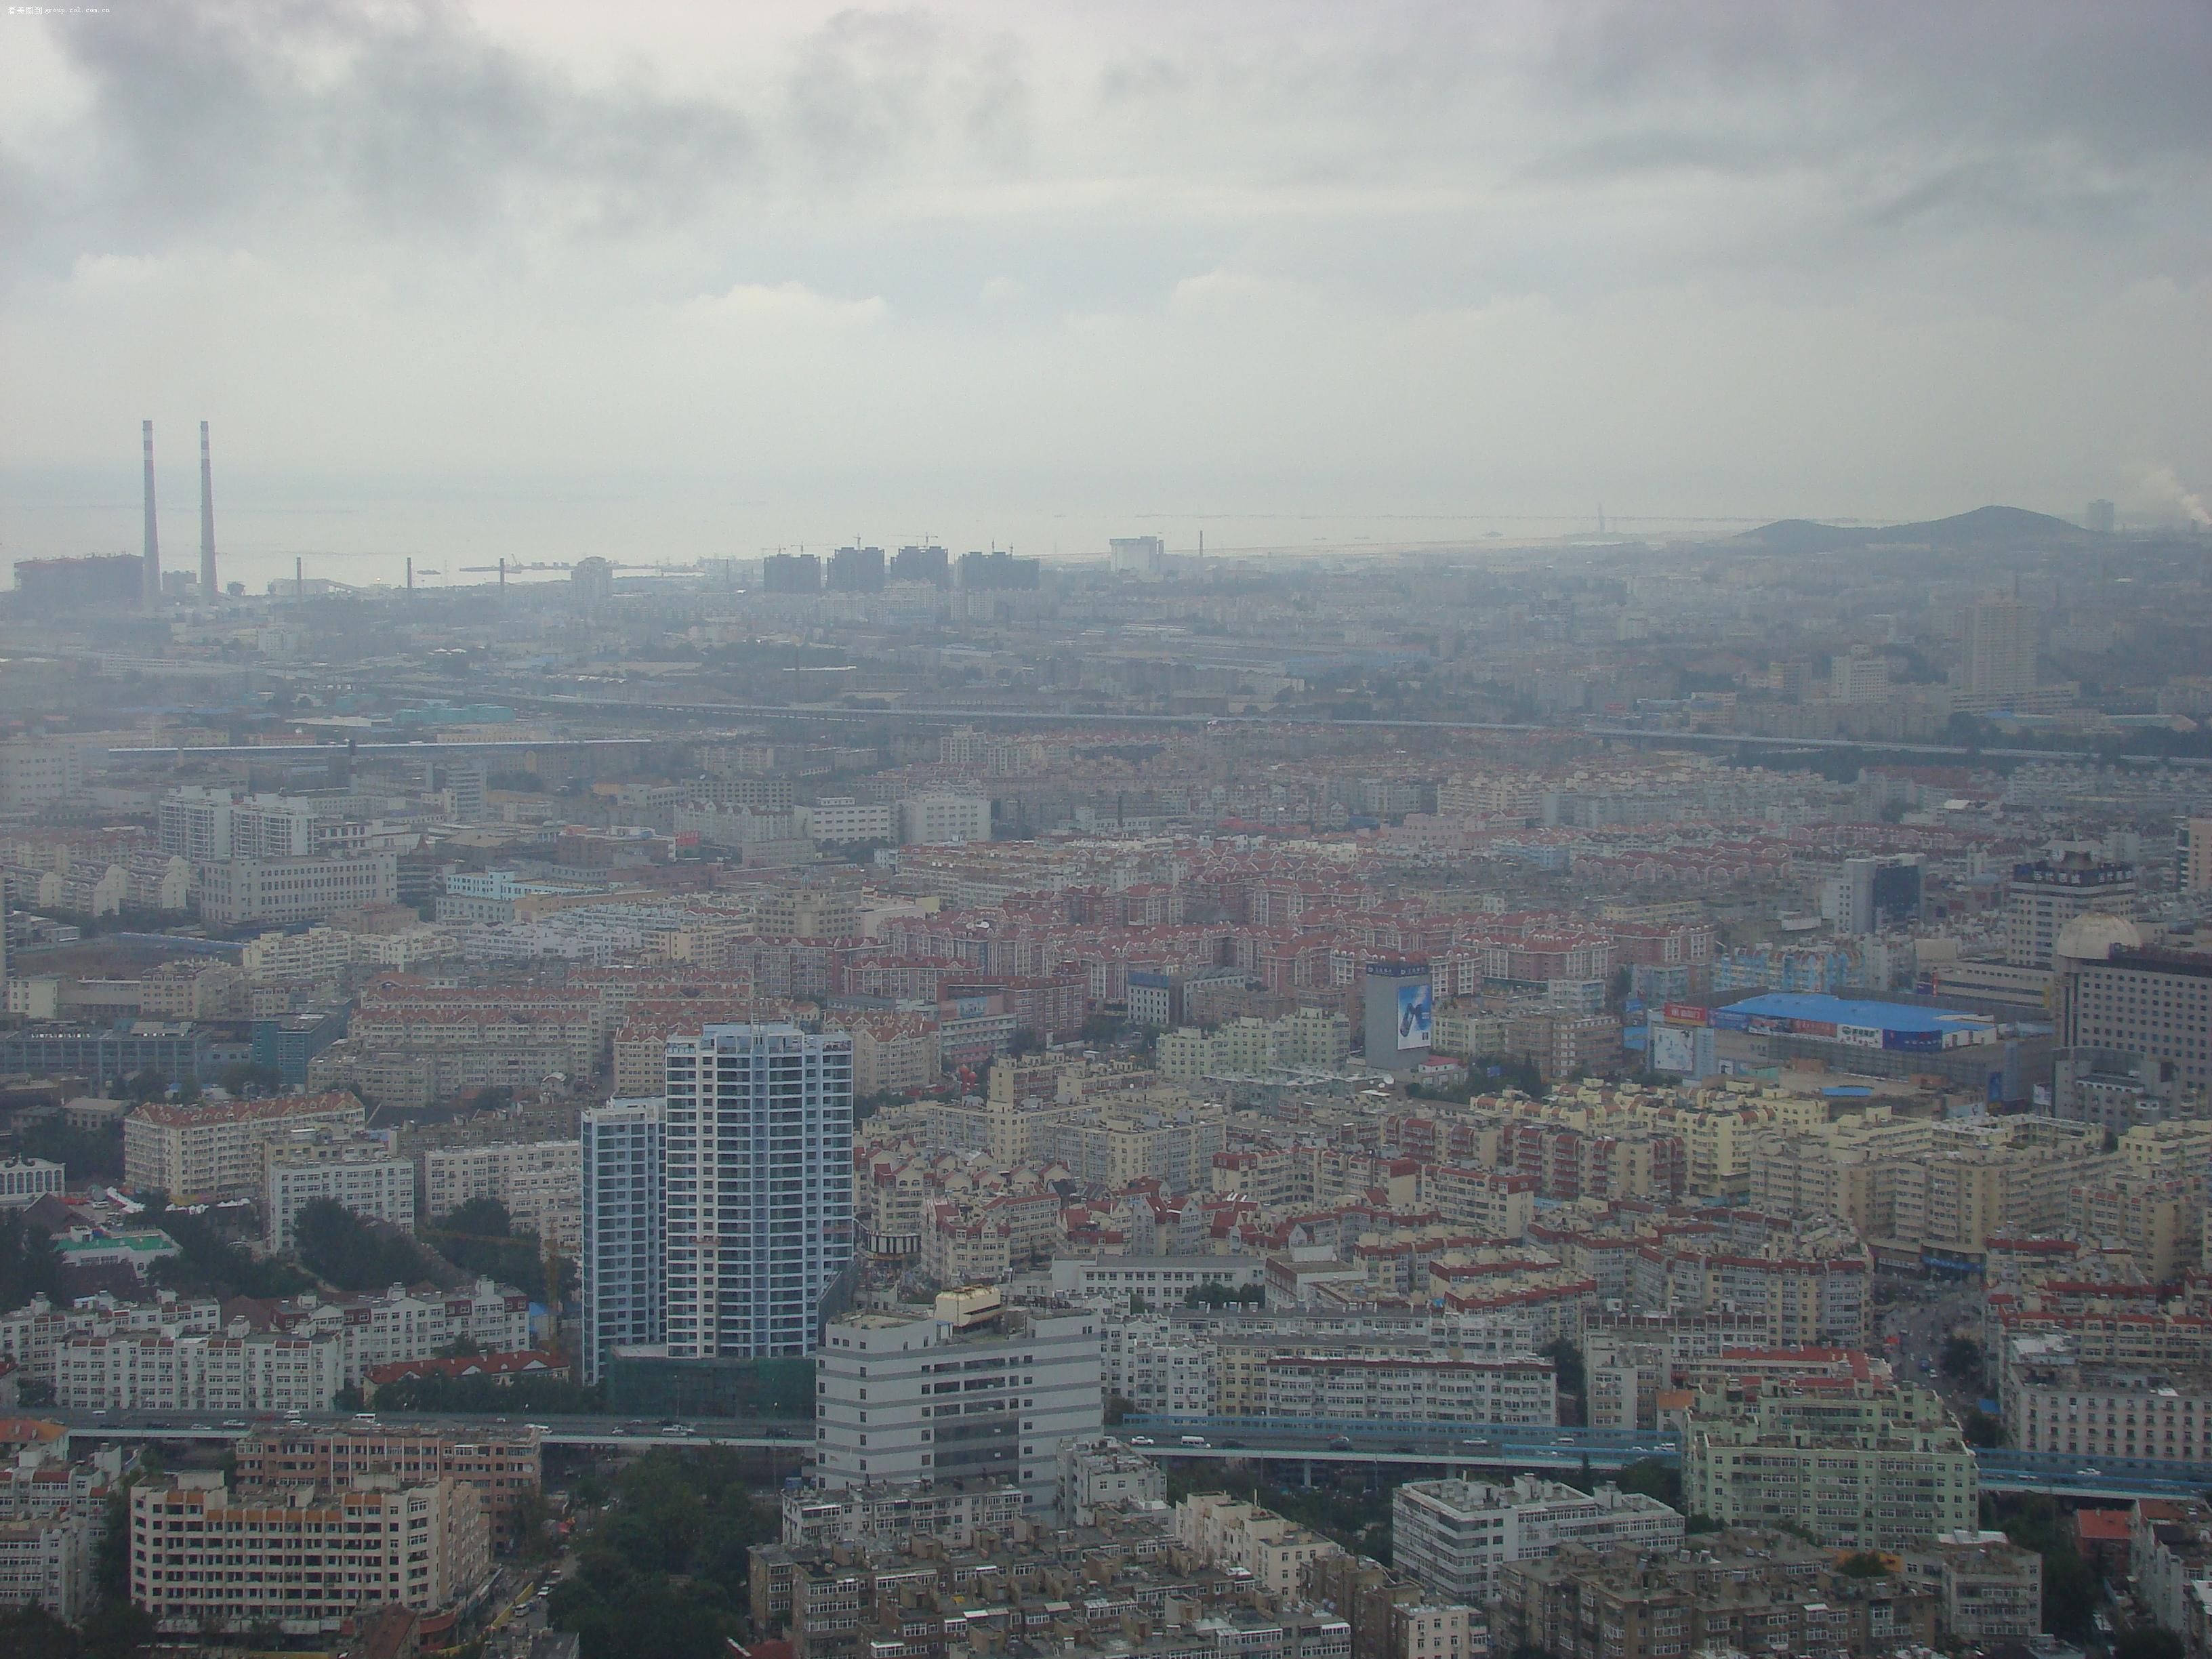 电视塔上俯瞰青岛(此电视塔是青岛市